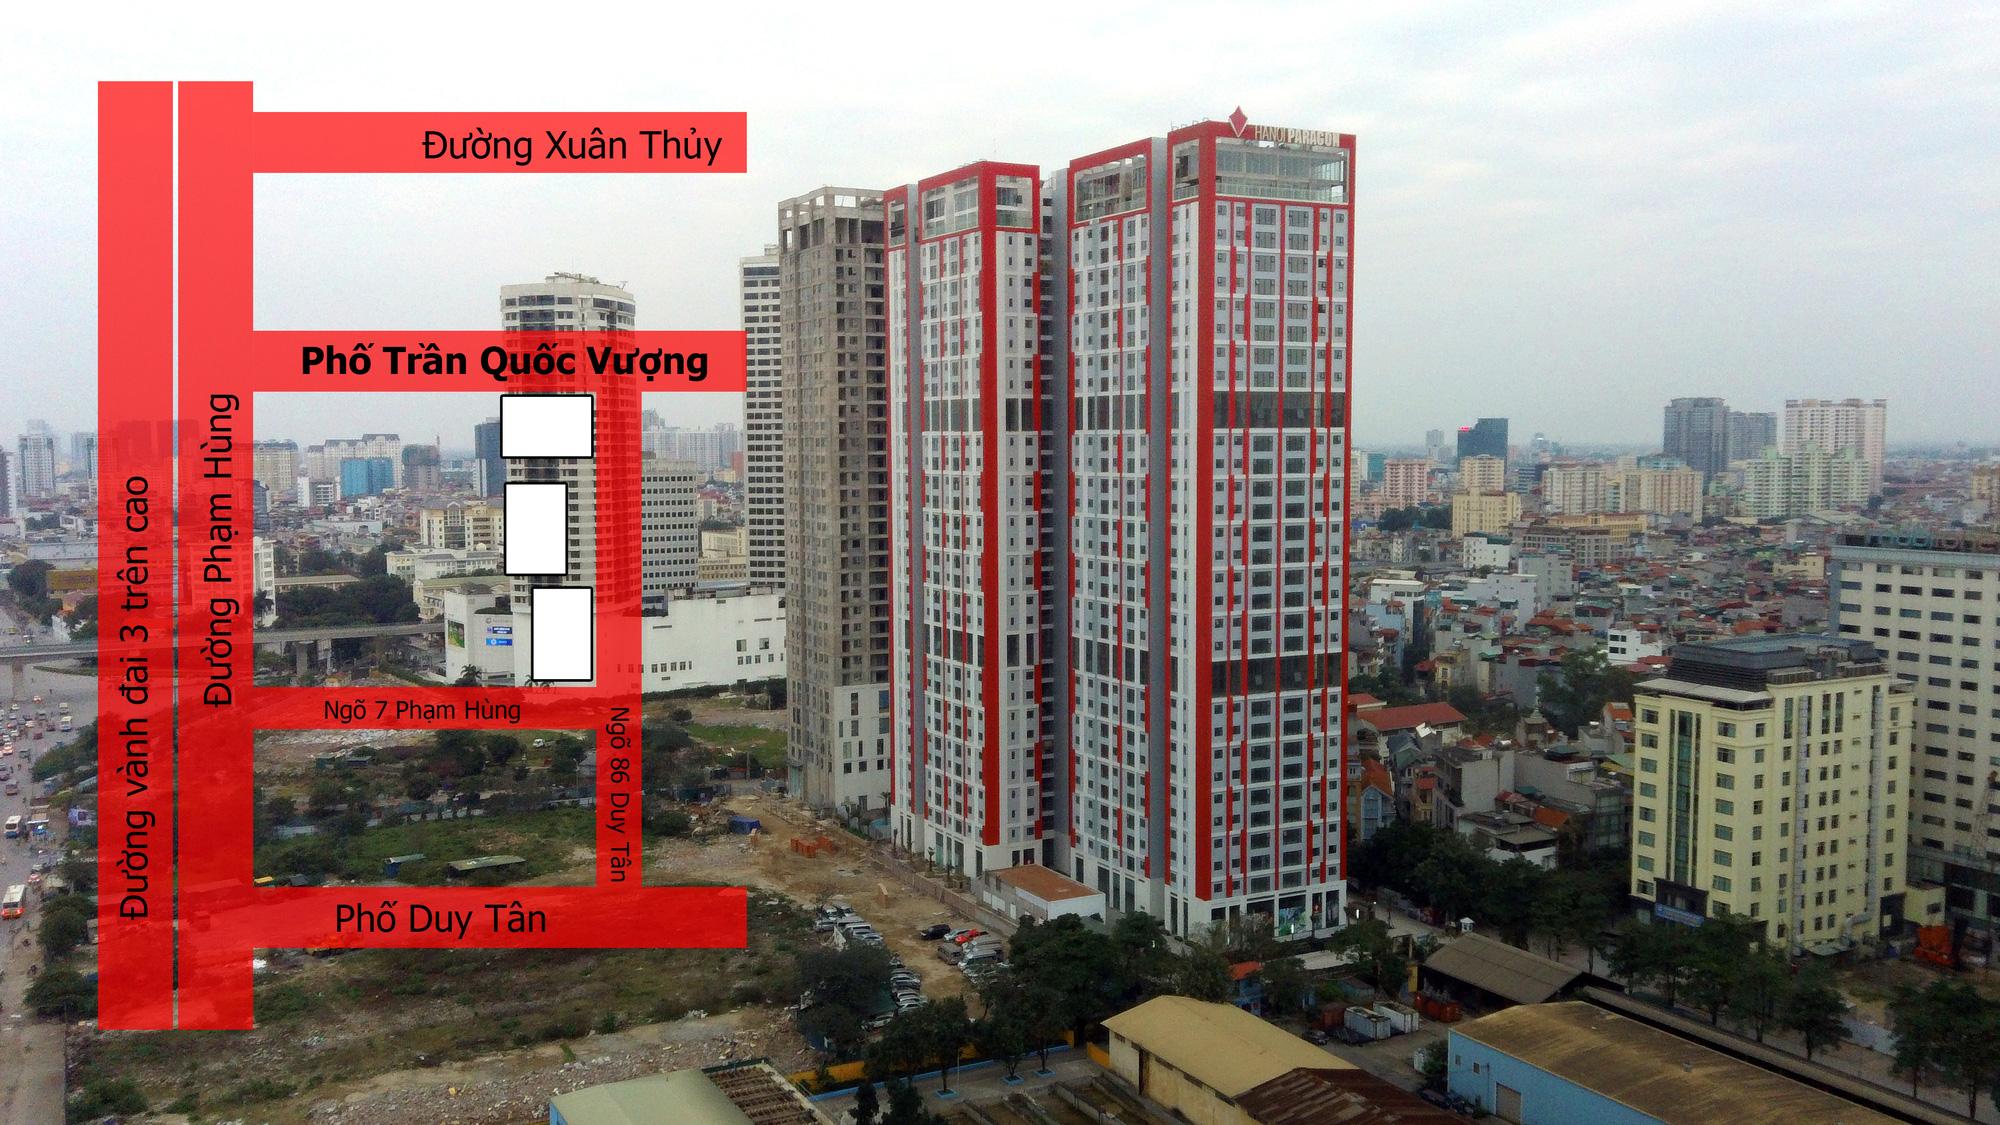 Dự án Hà Nội Paragon đang mở bán: Hai mặt tiền, vài bước ra vành đai ba - Ảnh 2.